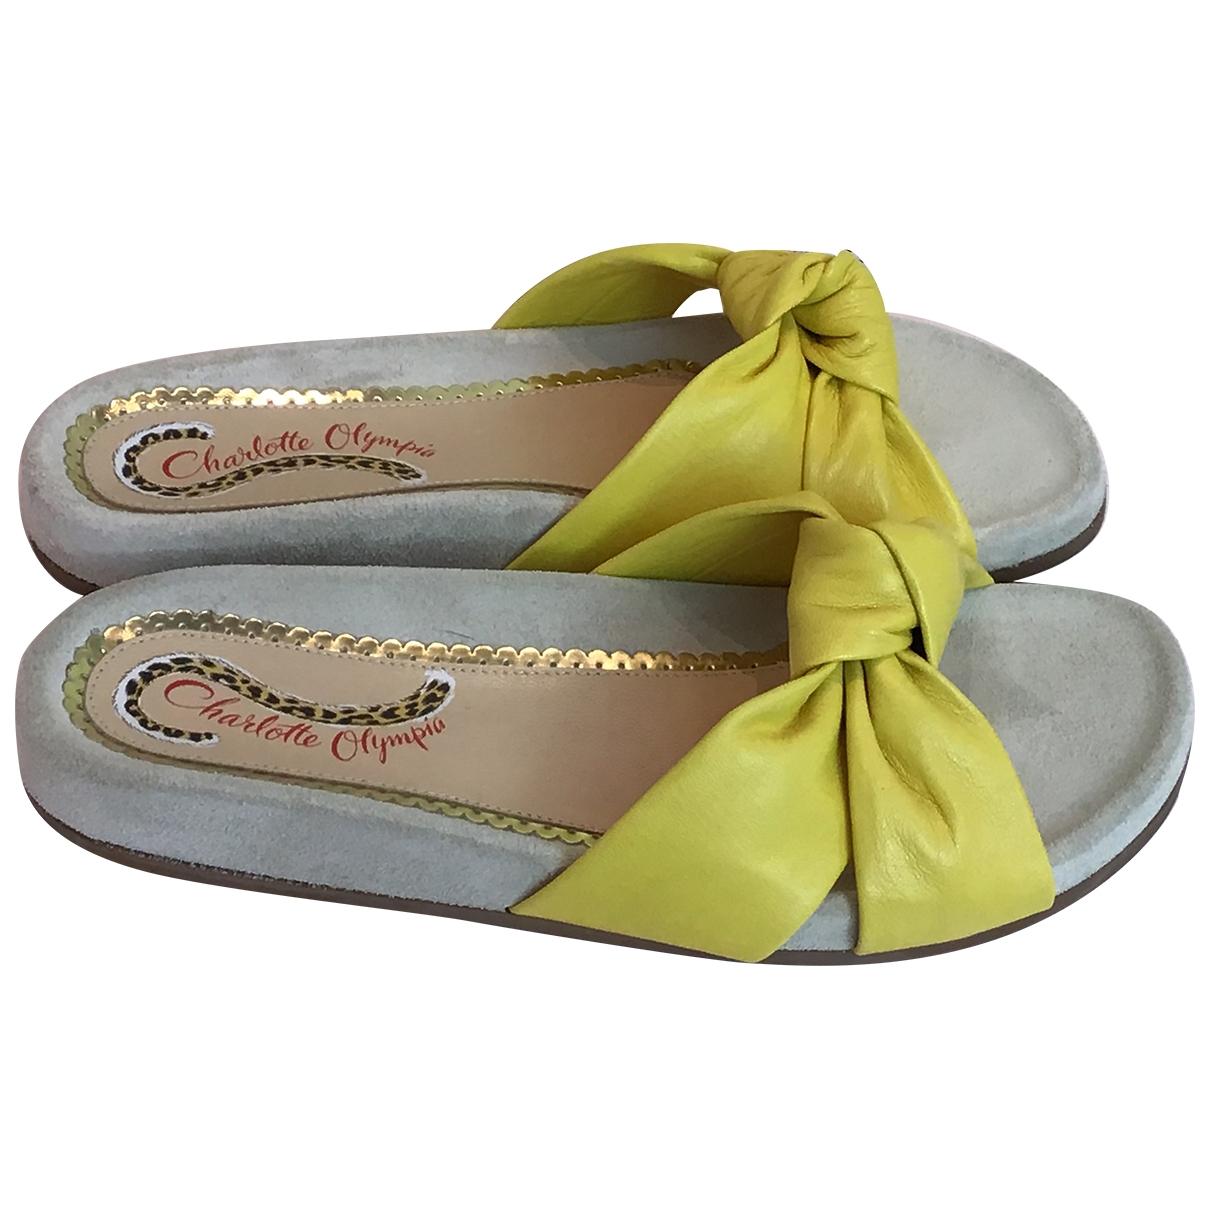 Charlotte Olympia - Sandales   pour femme en cuir - jaune